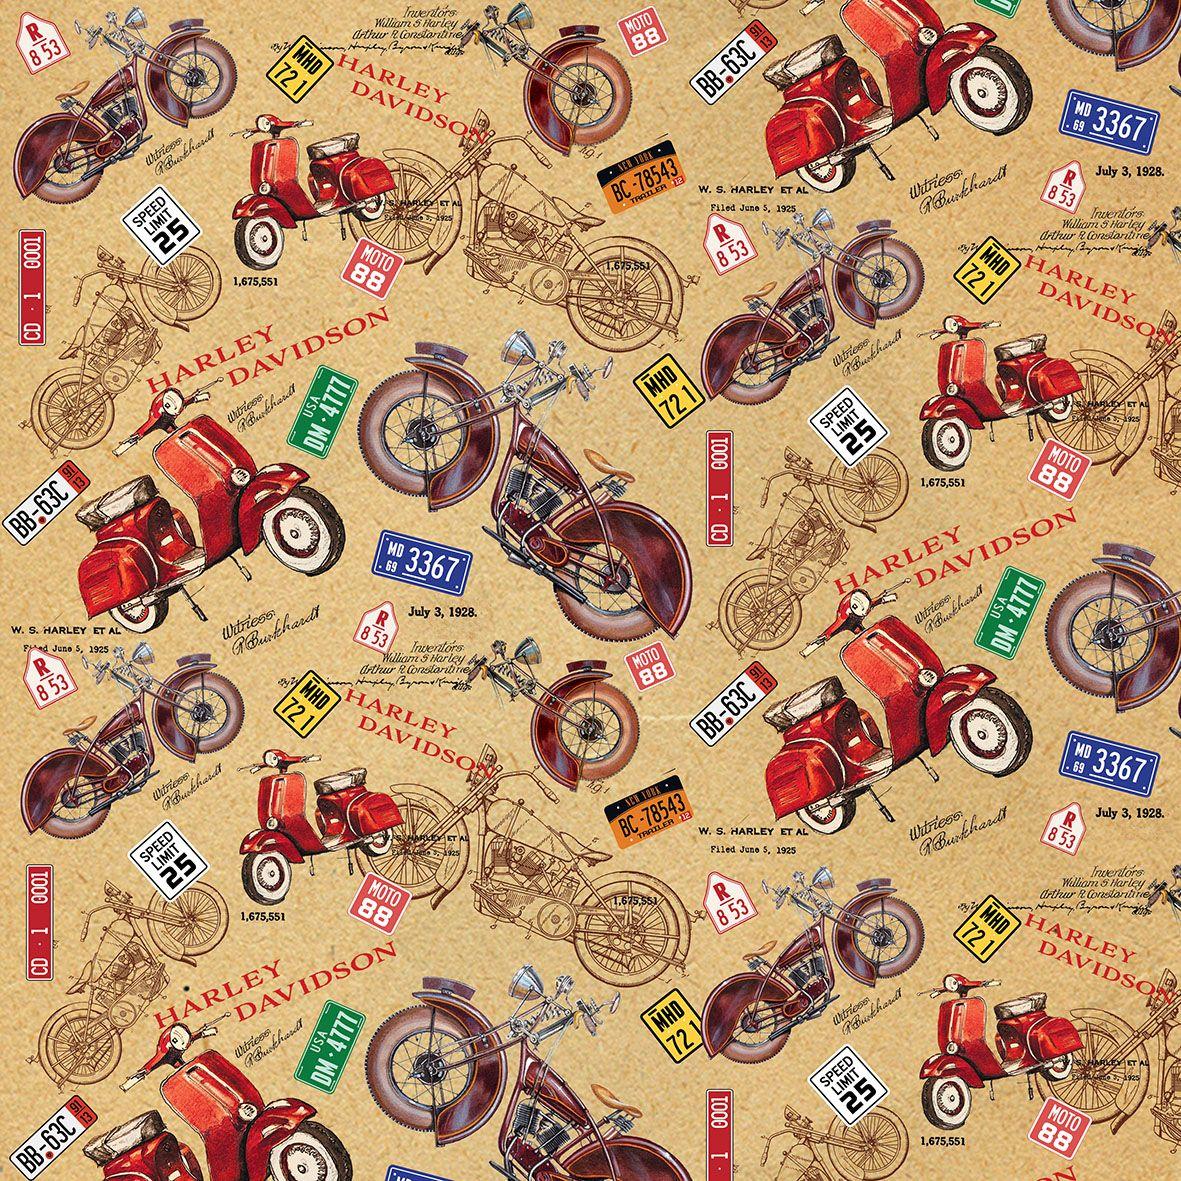 Крафт бумага Magic Home Ретро-Мопеды, немелованная, 100 х 70 см75224Крафт бумага для сувенирной продукции РЕТРО-МОПЕДЫ от Magic Time - это стильный и практичный вариант упаковки подарка. Авторский дизайн, красочное изображение, тематический рисунок - все слагаемые оригинального оформления подарка. Окружите близких людей вниманием и заботой, эффектно вручив презент в нарядном, праздничном оформлении.